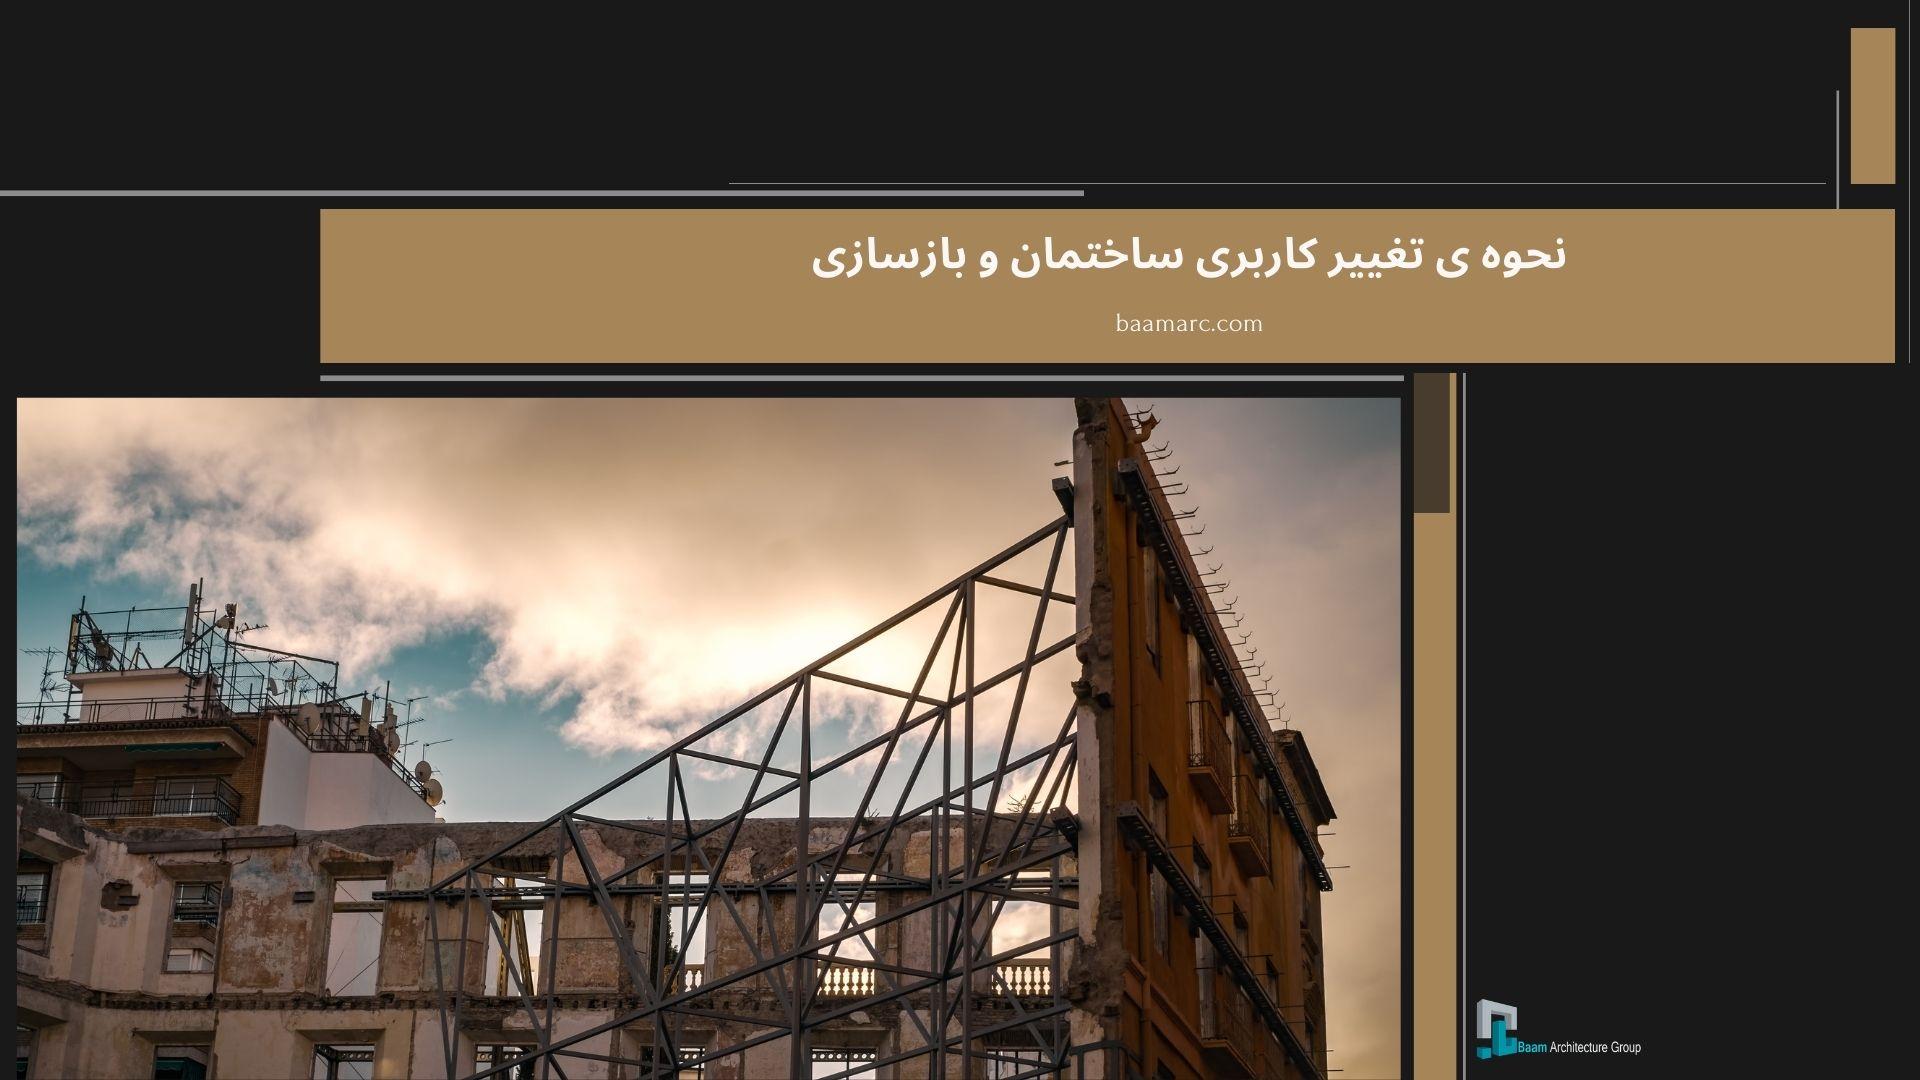 نحوه ی تغییر کاربری ساختمان و بازسازی